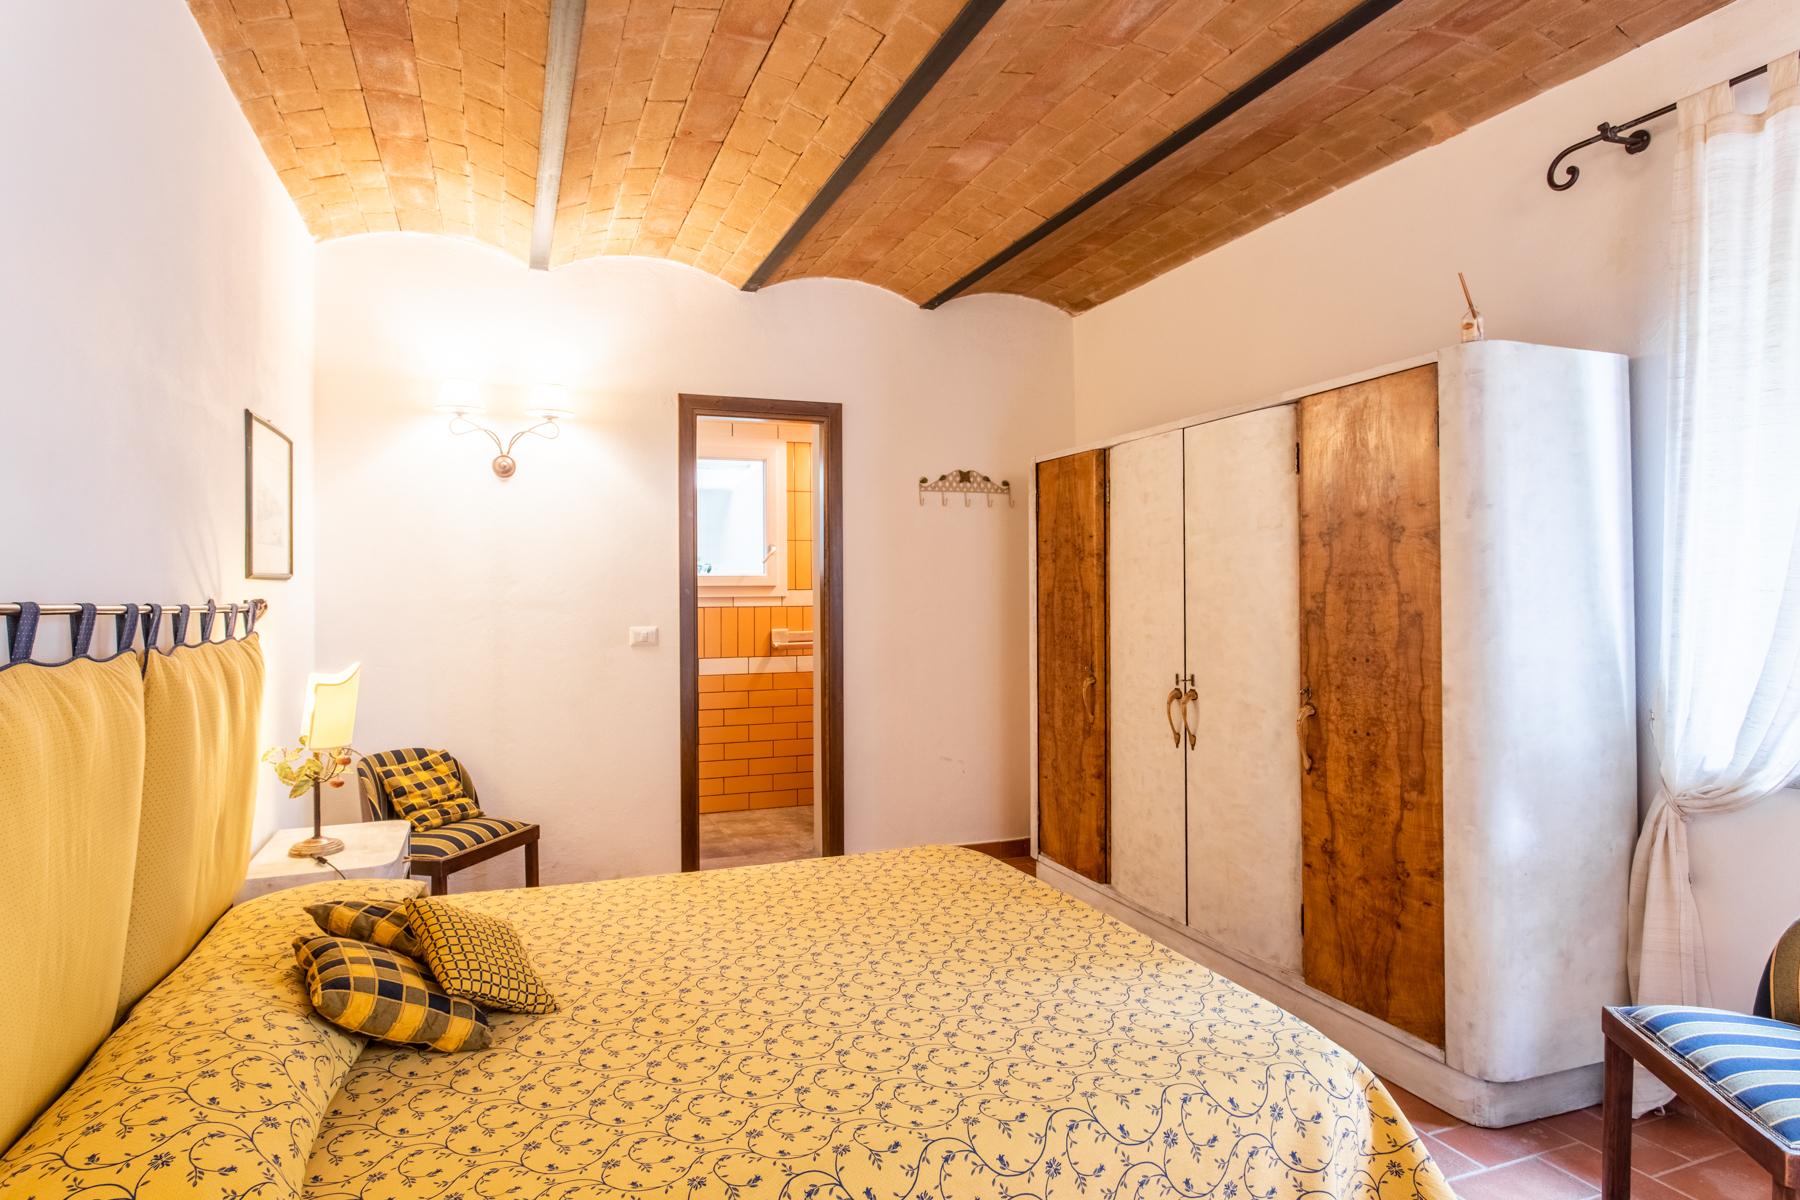 Rustico in Vendita a Manciano: 5 locali, 520 mq - Foto 25